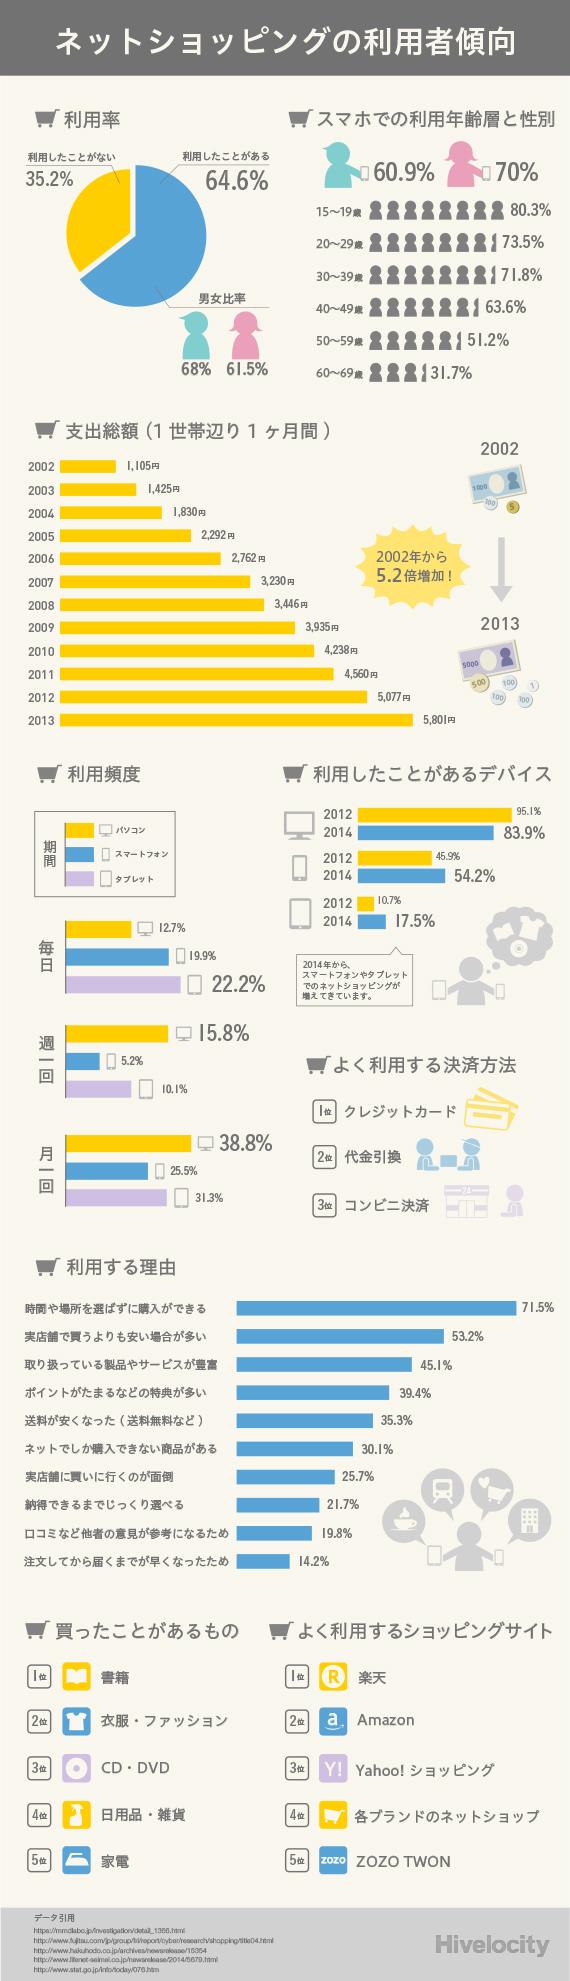 ネットショッピングの利用者傾向2